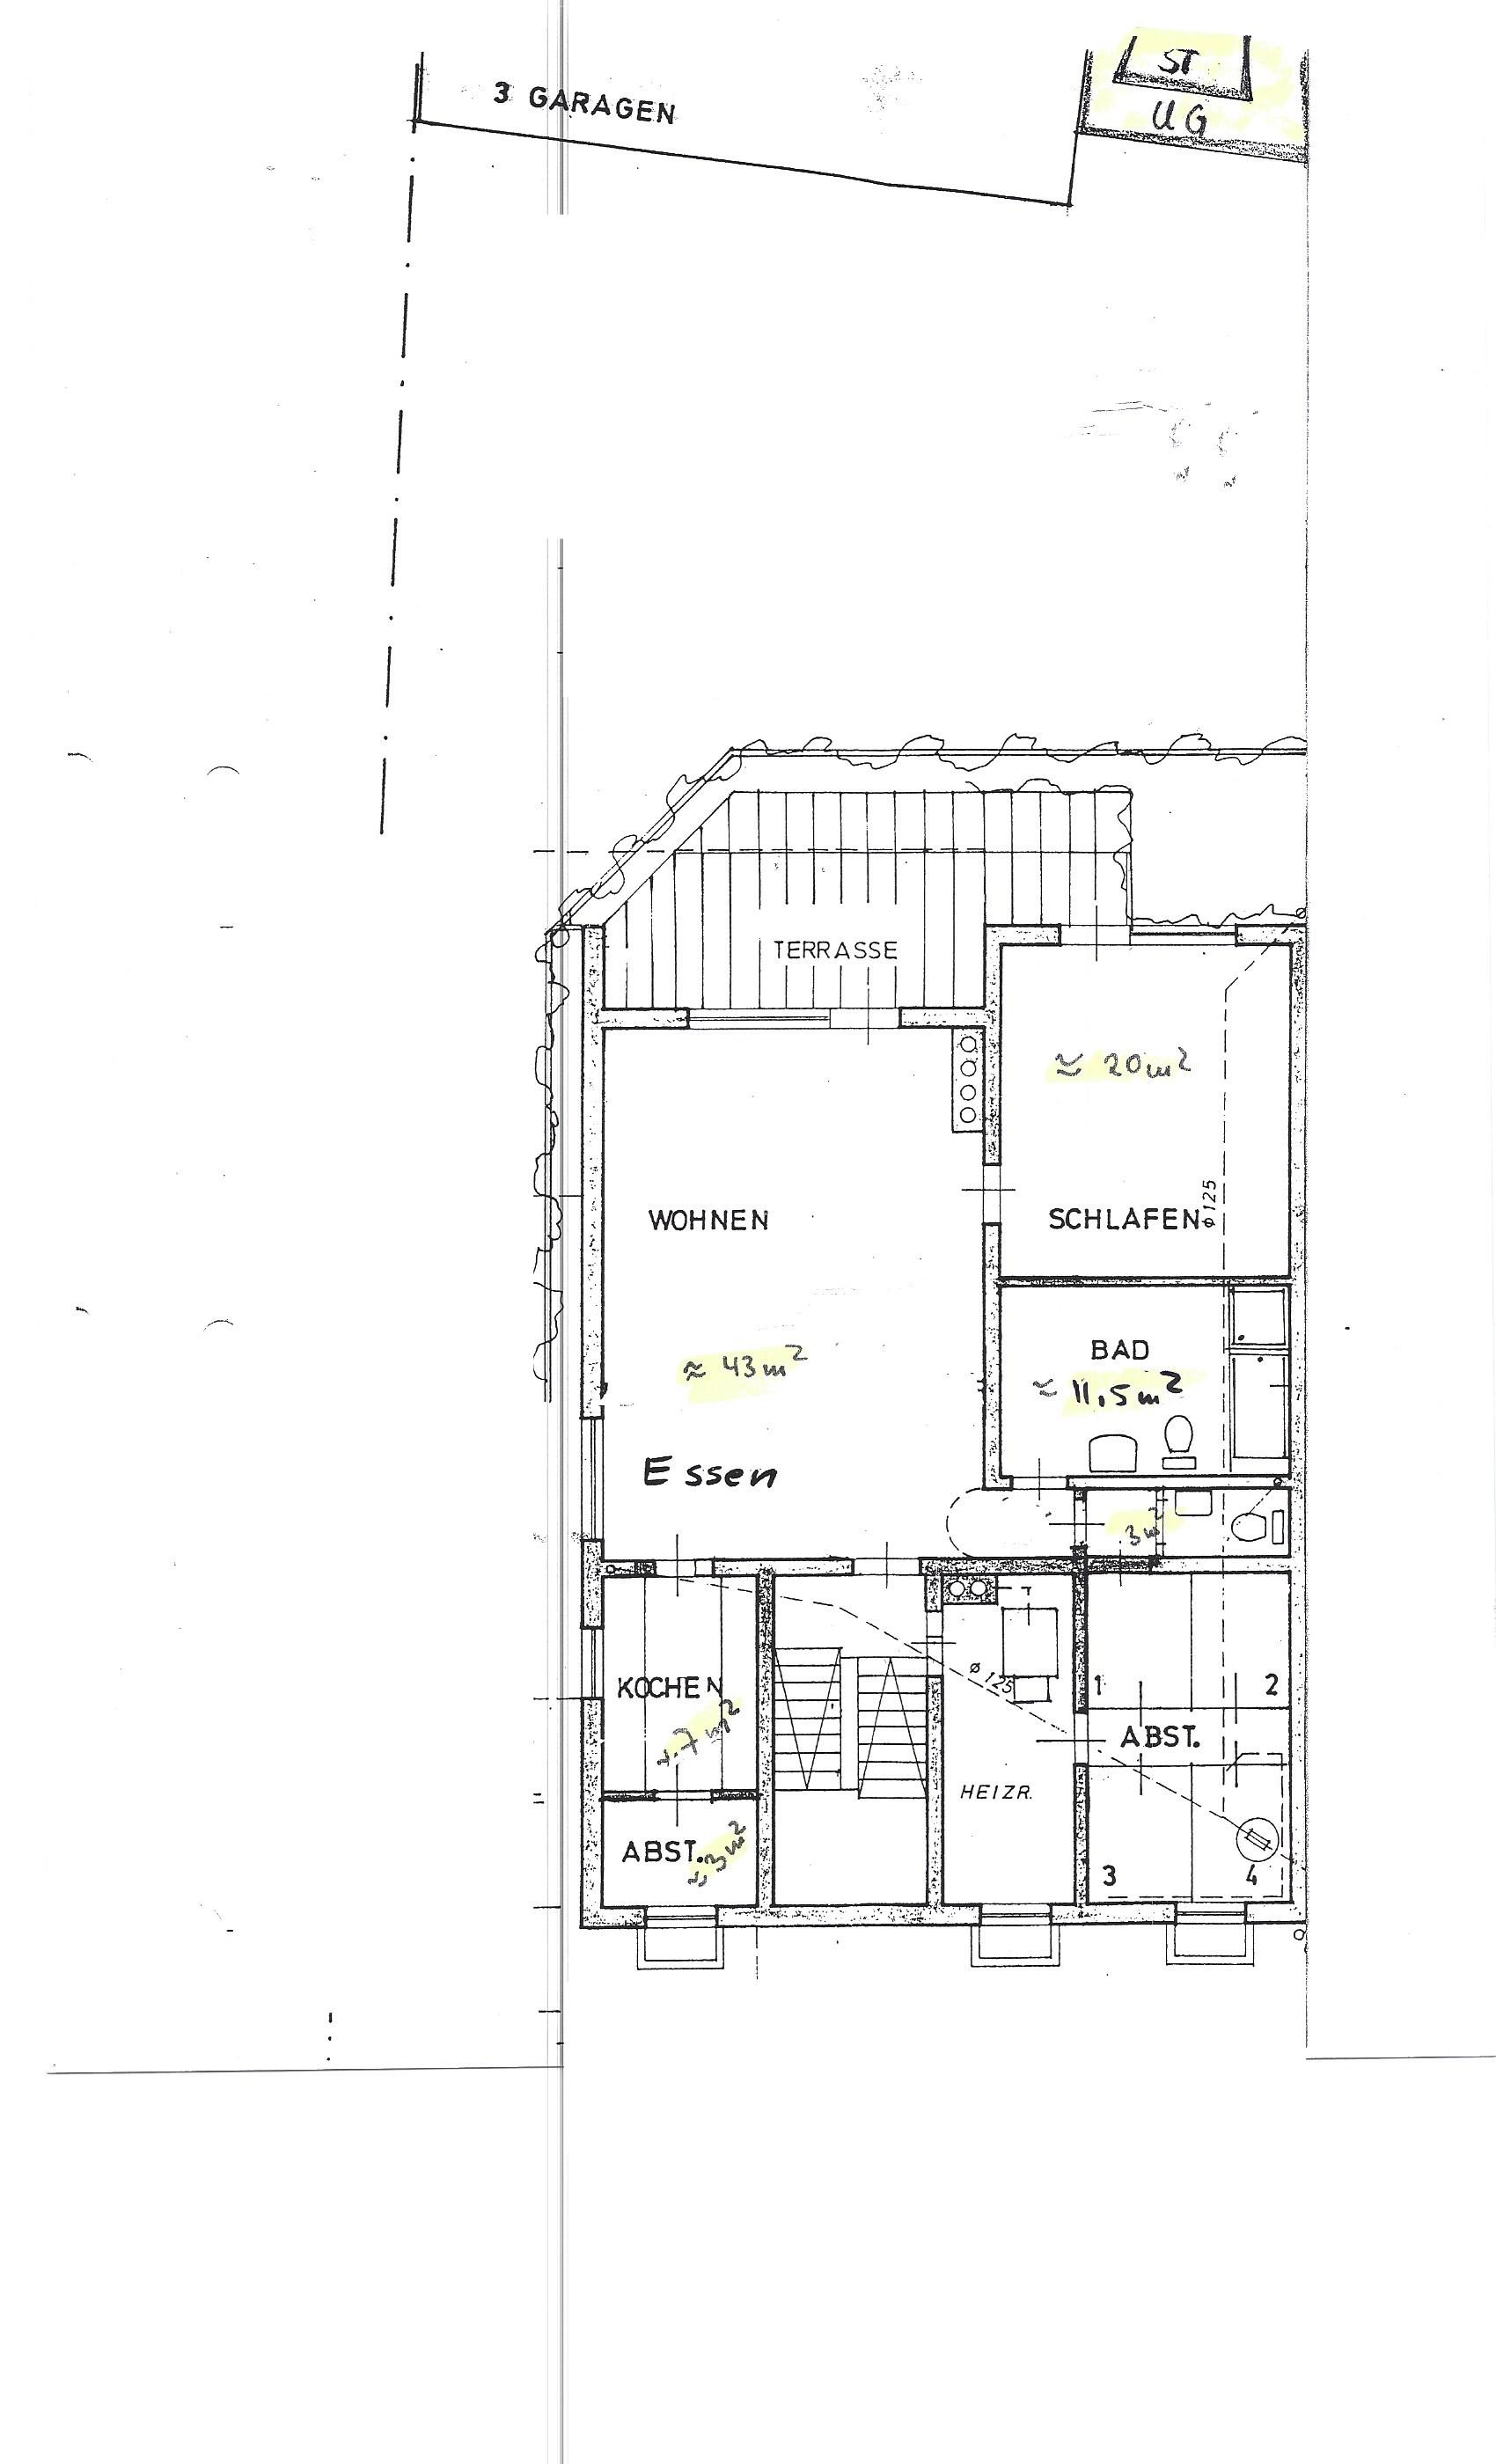 Renovierte 2 Zimmerwohnung In Waldbronn Immo Life Vision